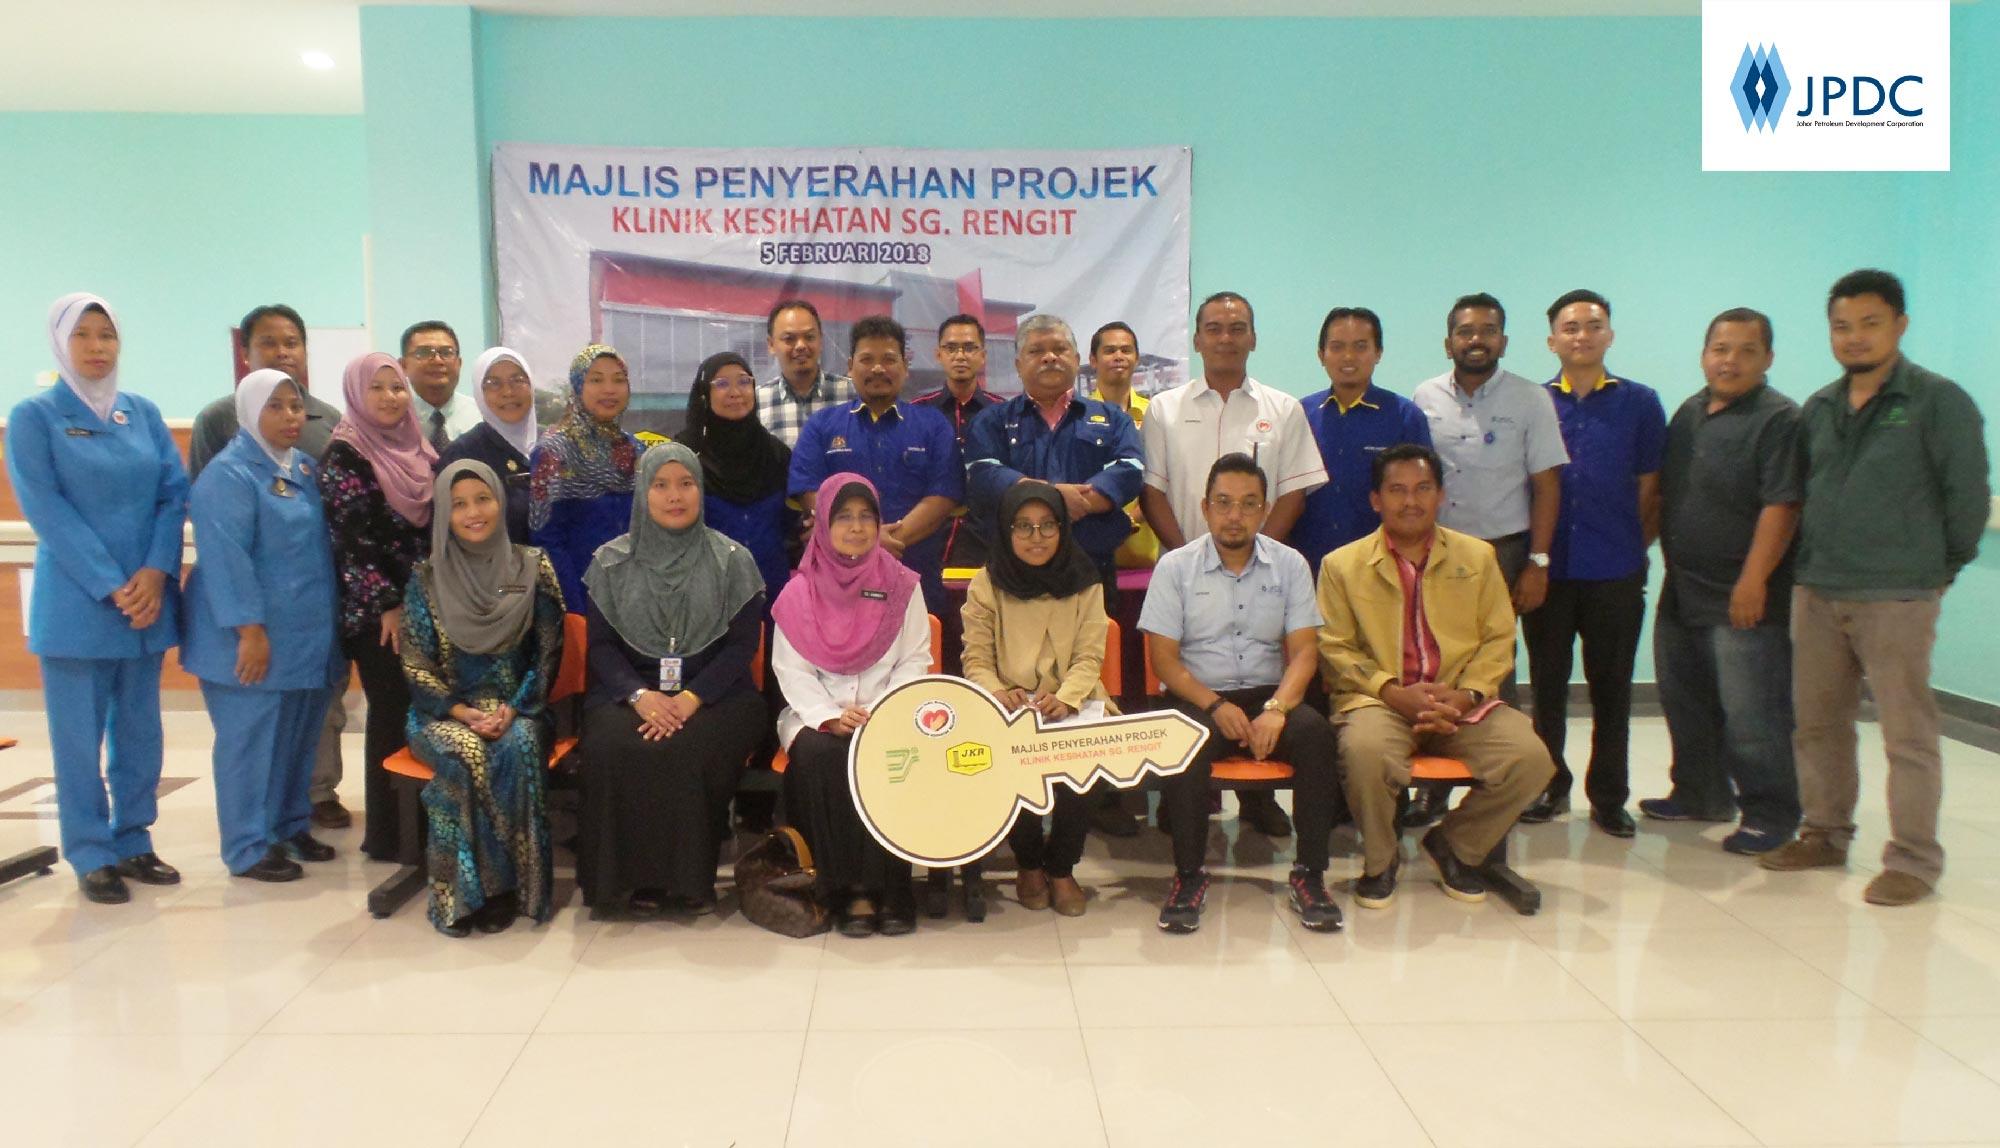 Majlis Penyerahan Projek pada 5 Februari 2018 di Klinik Kesihatan Sungai Rengit